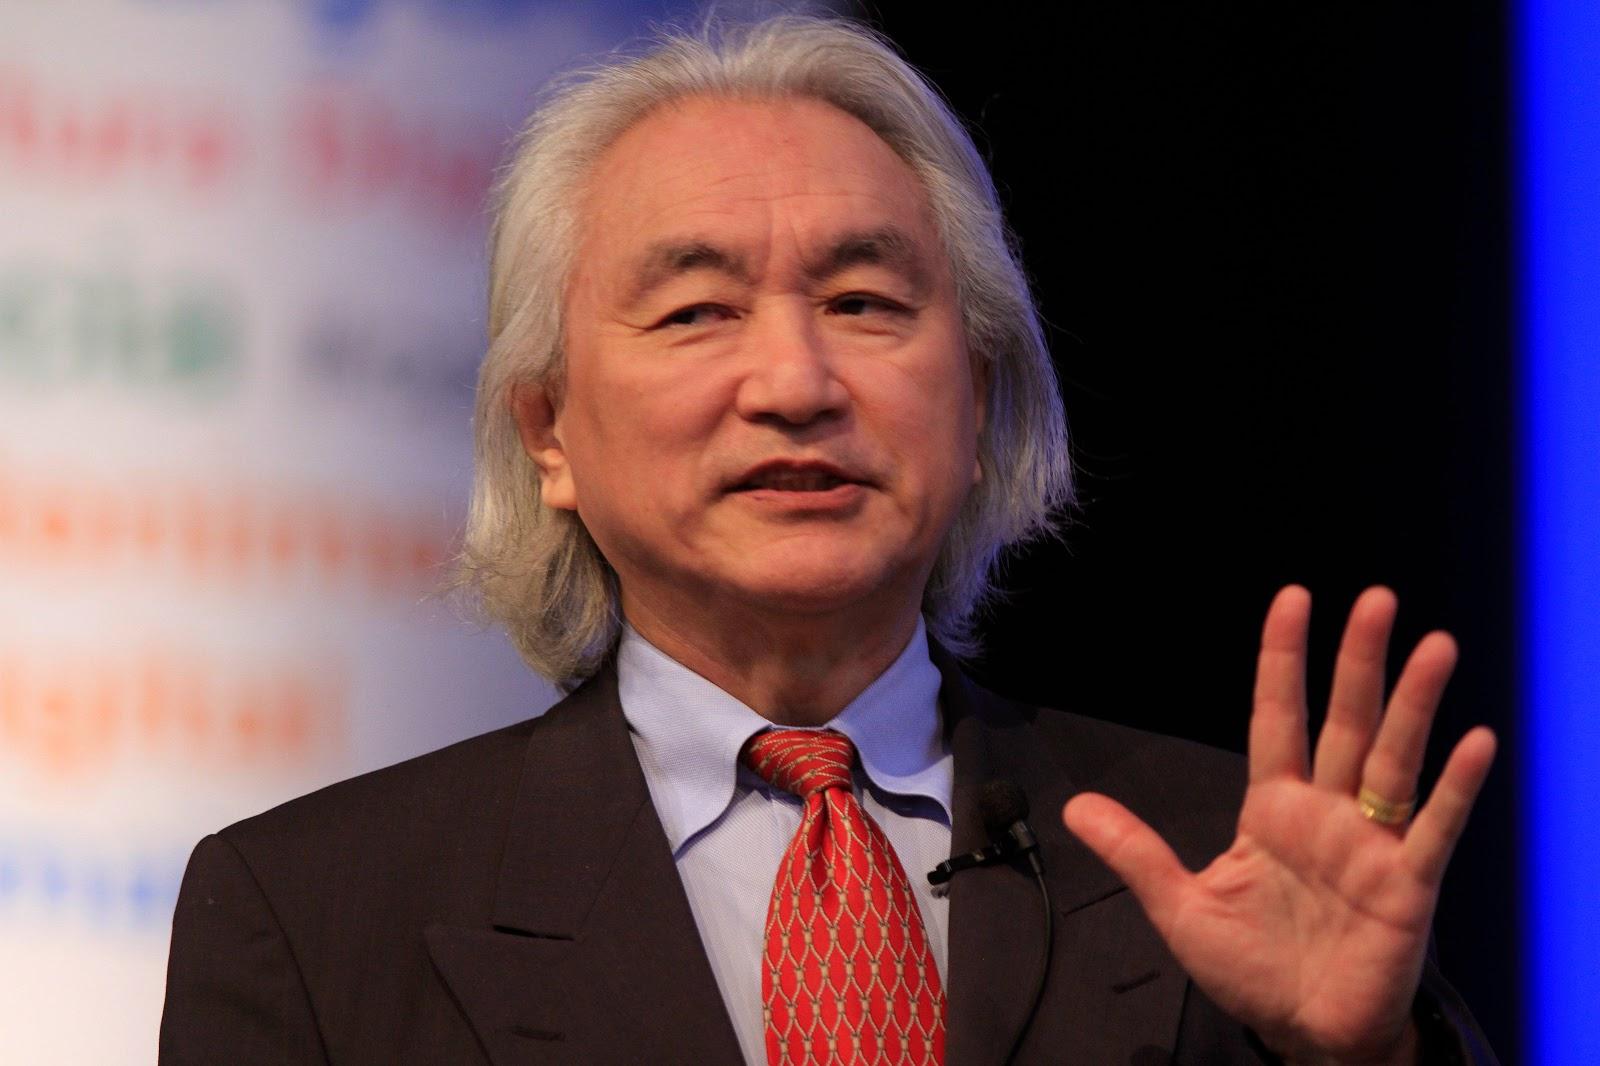 Ông Michio Kaku vào năm 2012. Tác giả hình ảnh : Cristiano Sant´Anna/indicefoto.com.